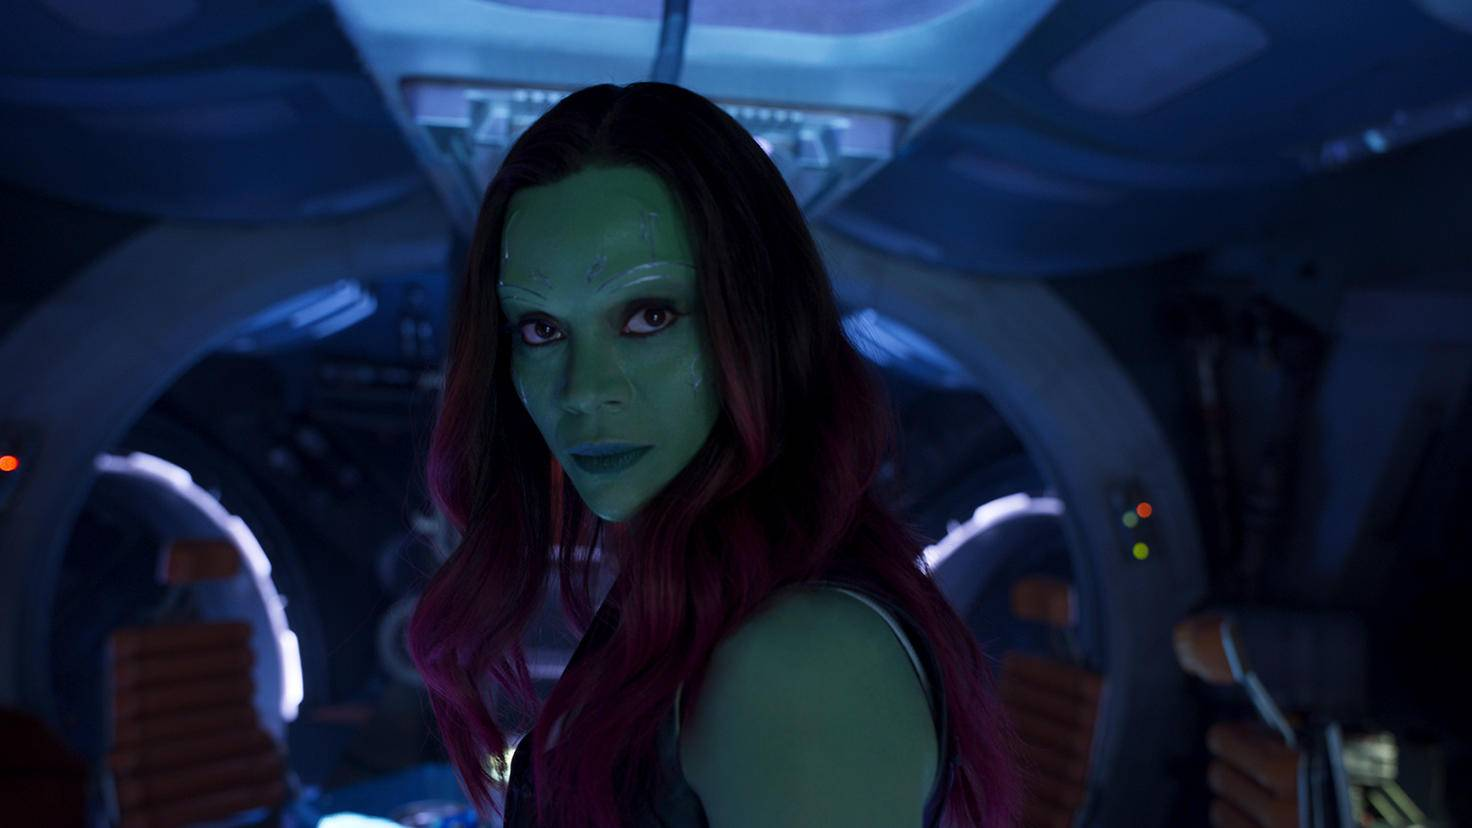 Avengers Reihenfolge Diese 7 Filme Solltest Du Vor Avengers 4